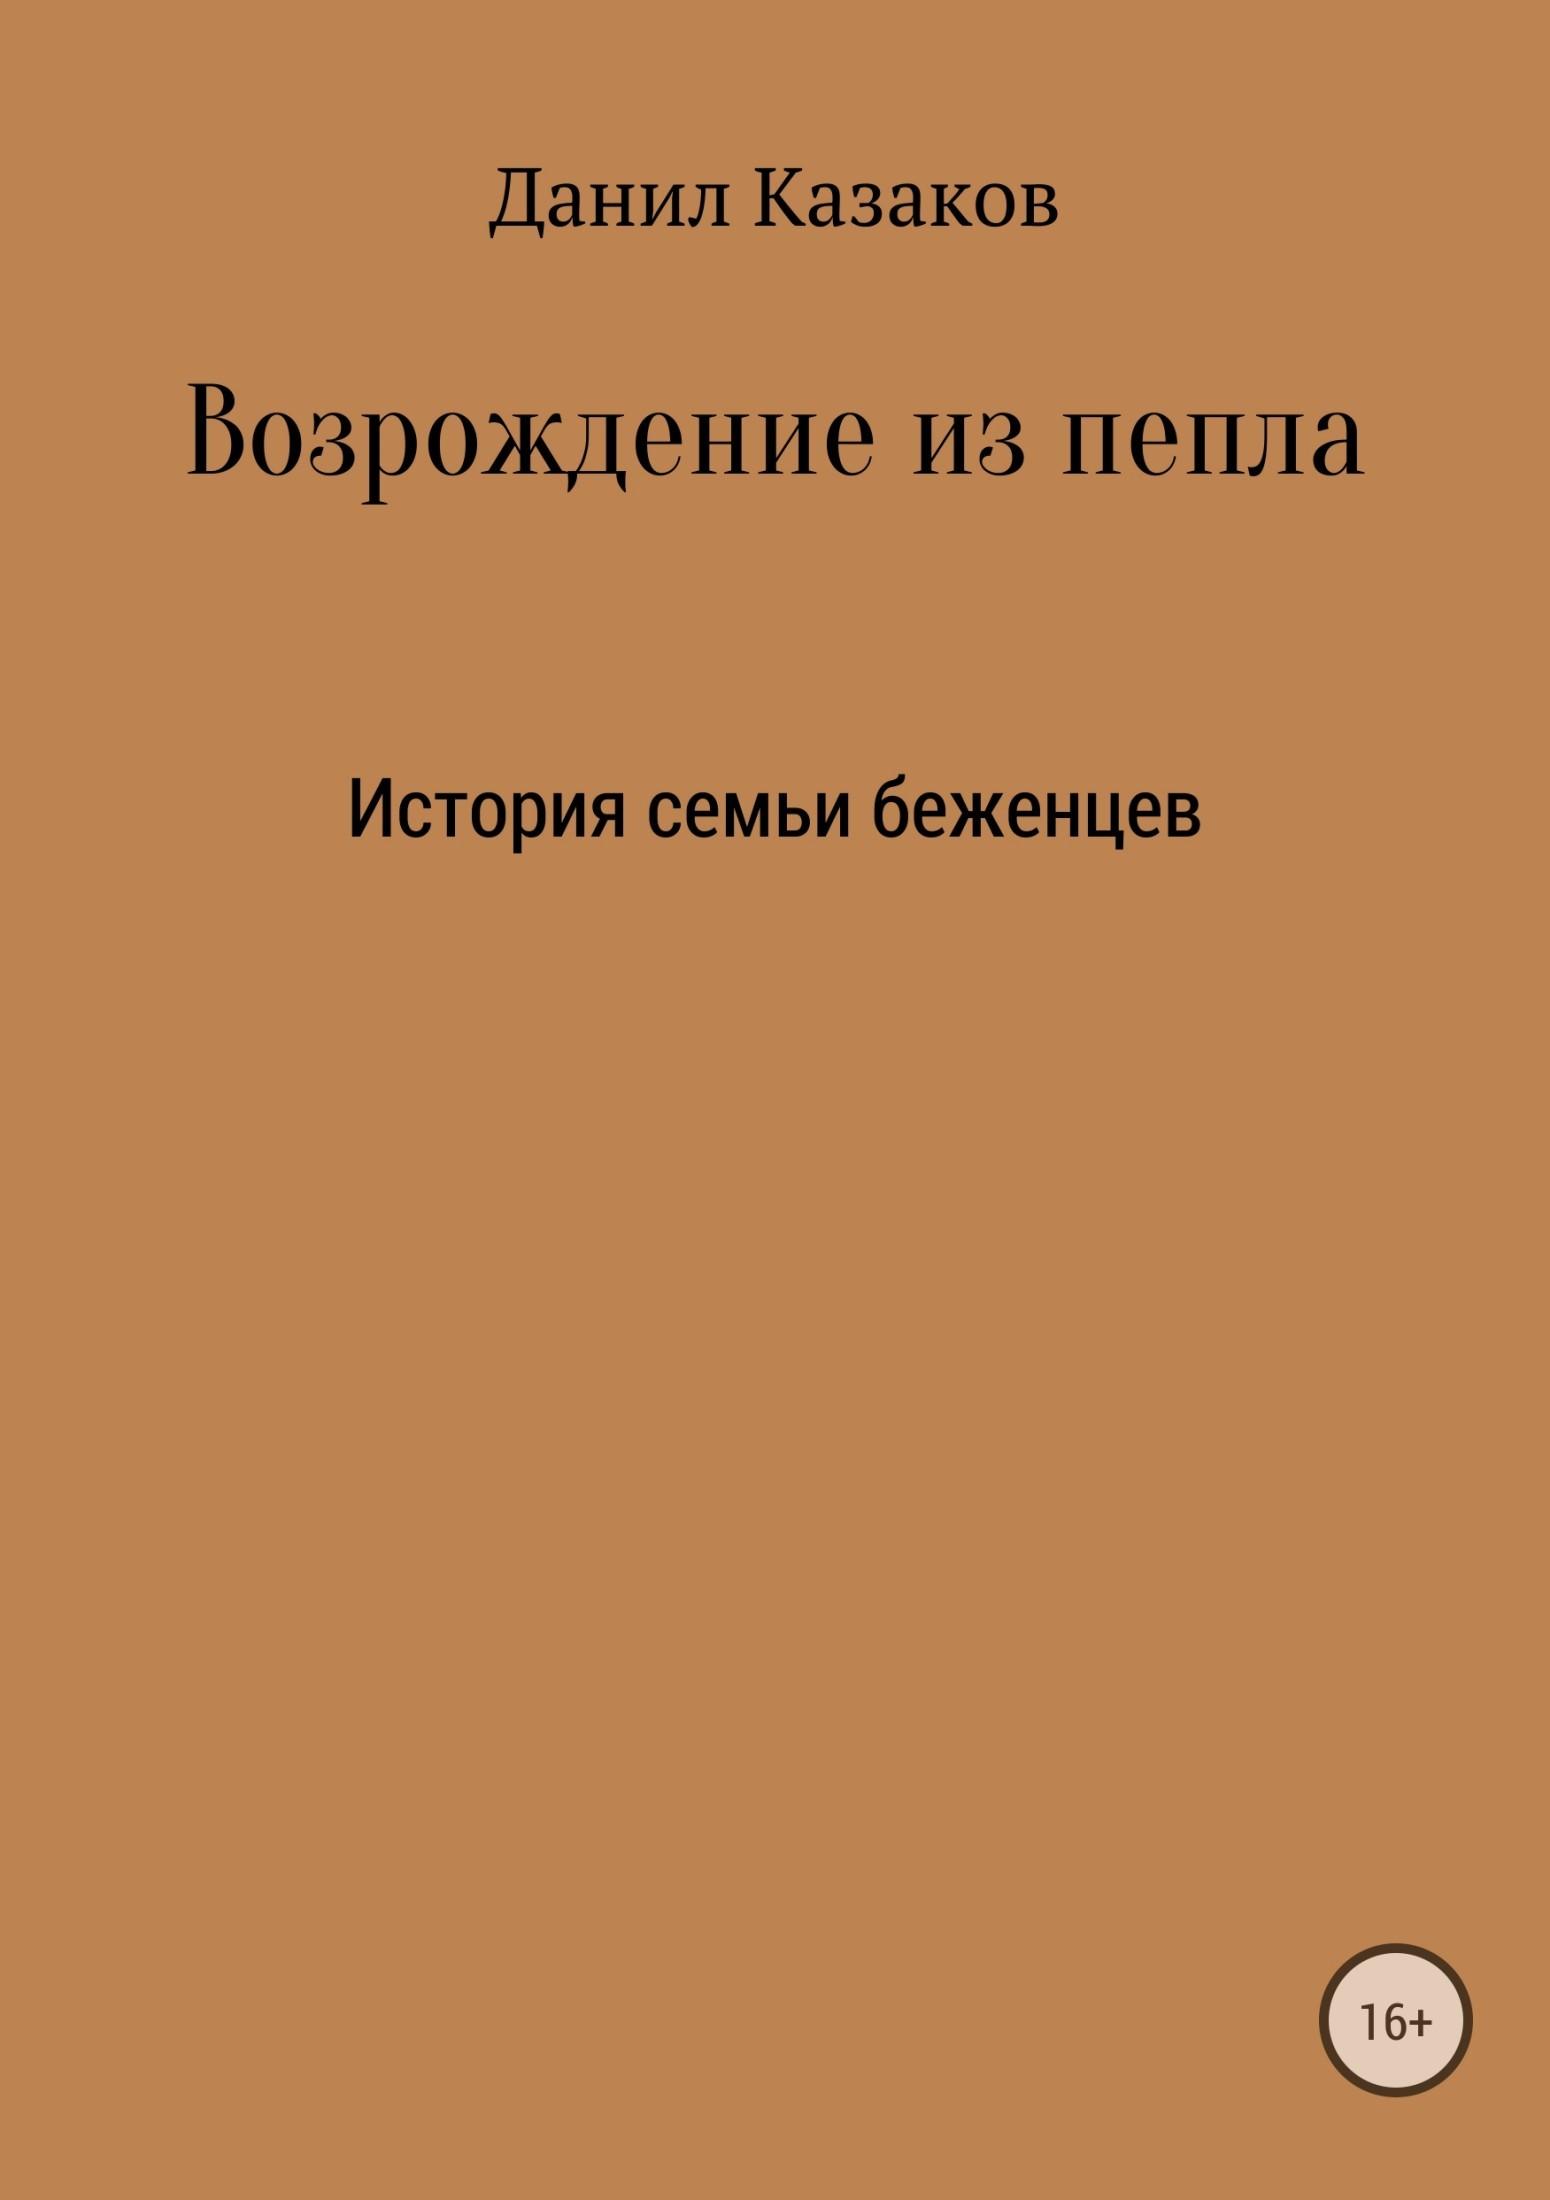 Данил Казаков - Возрождение из пепла